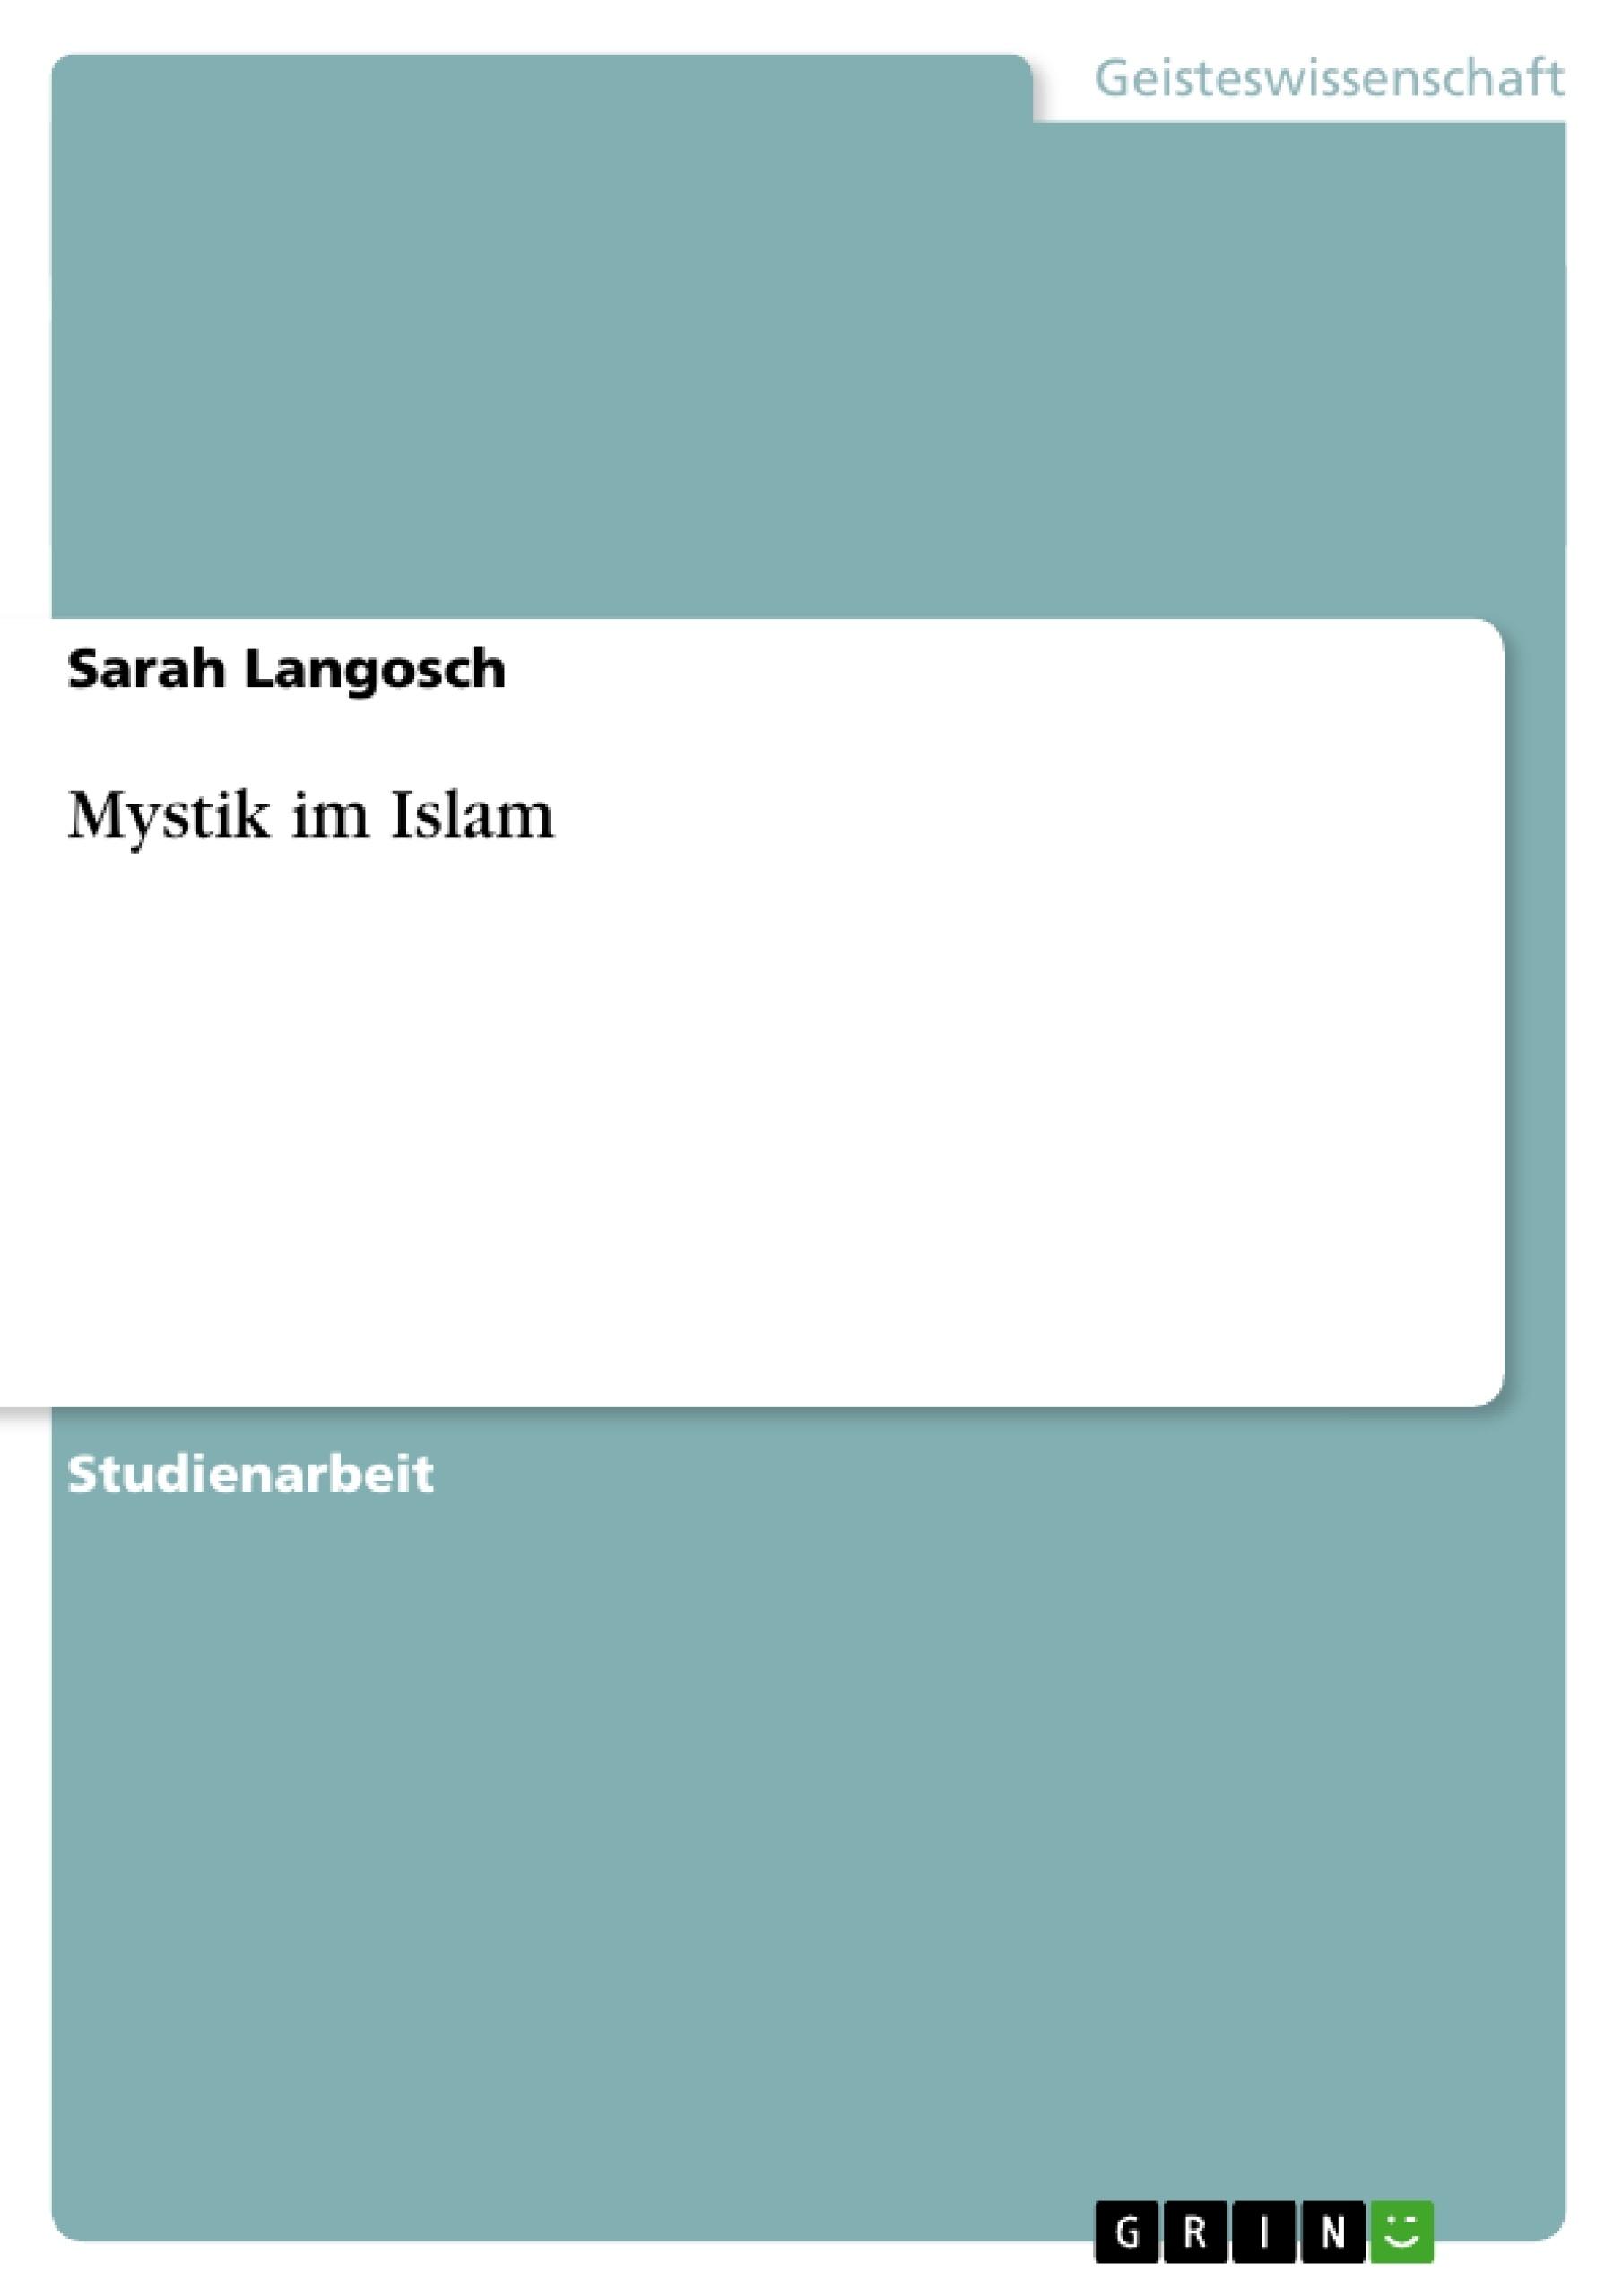 Titel: Mystik im Islam